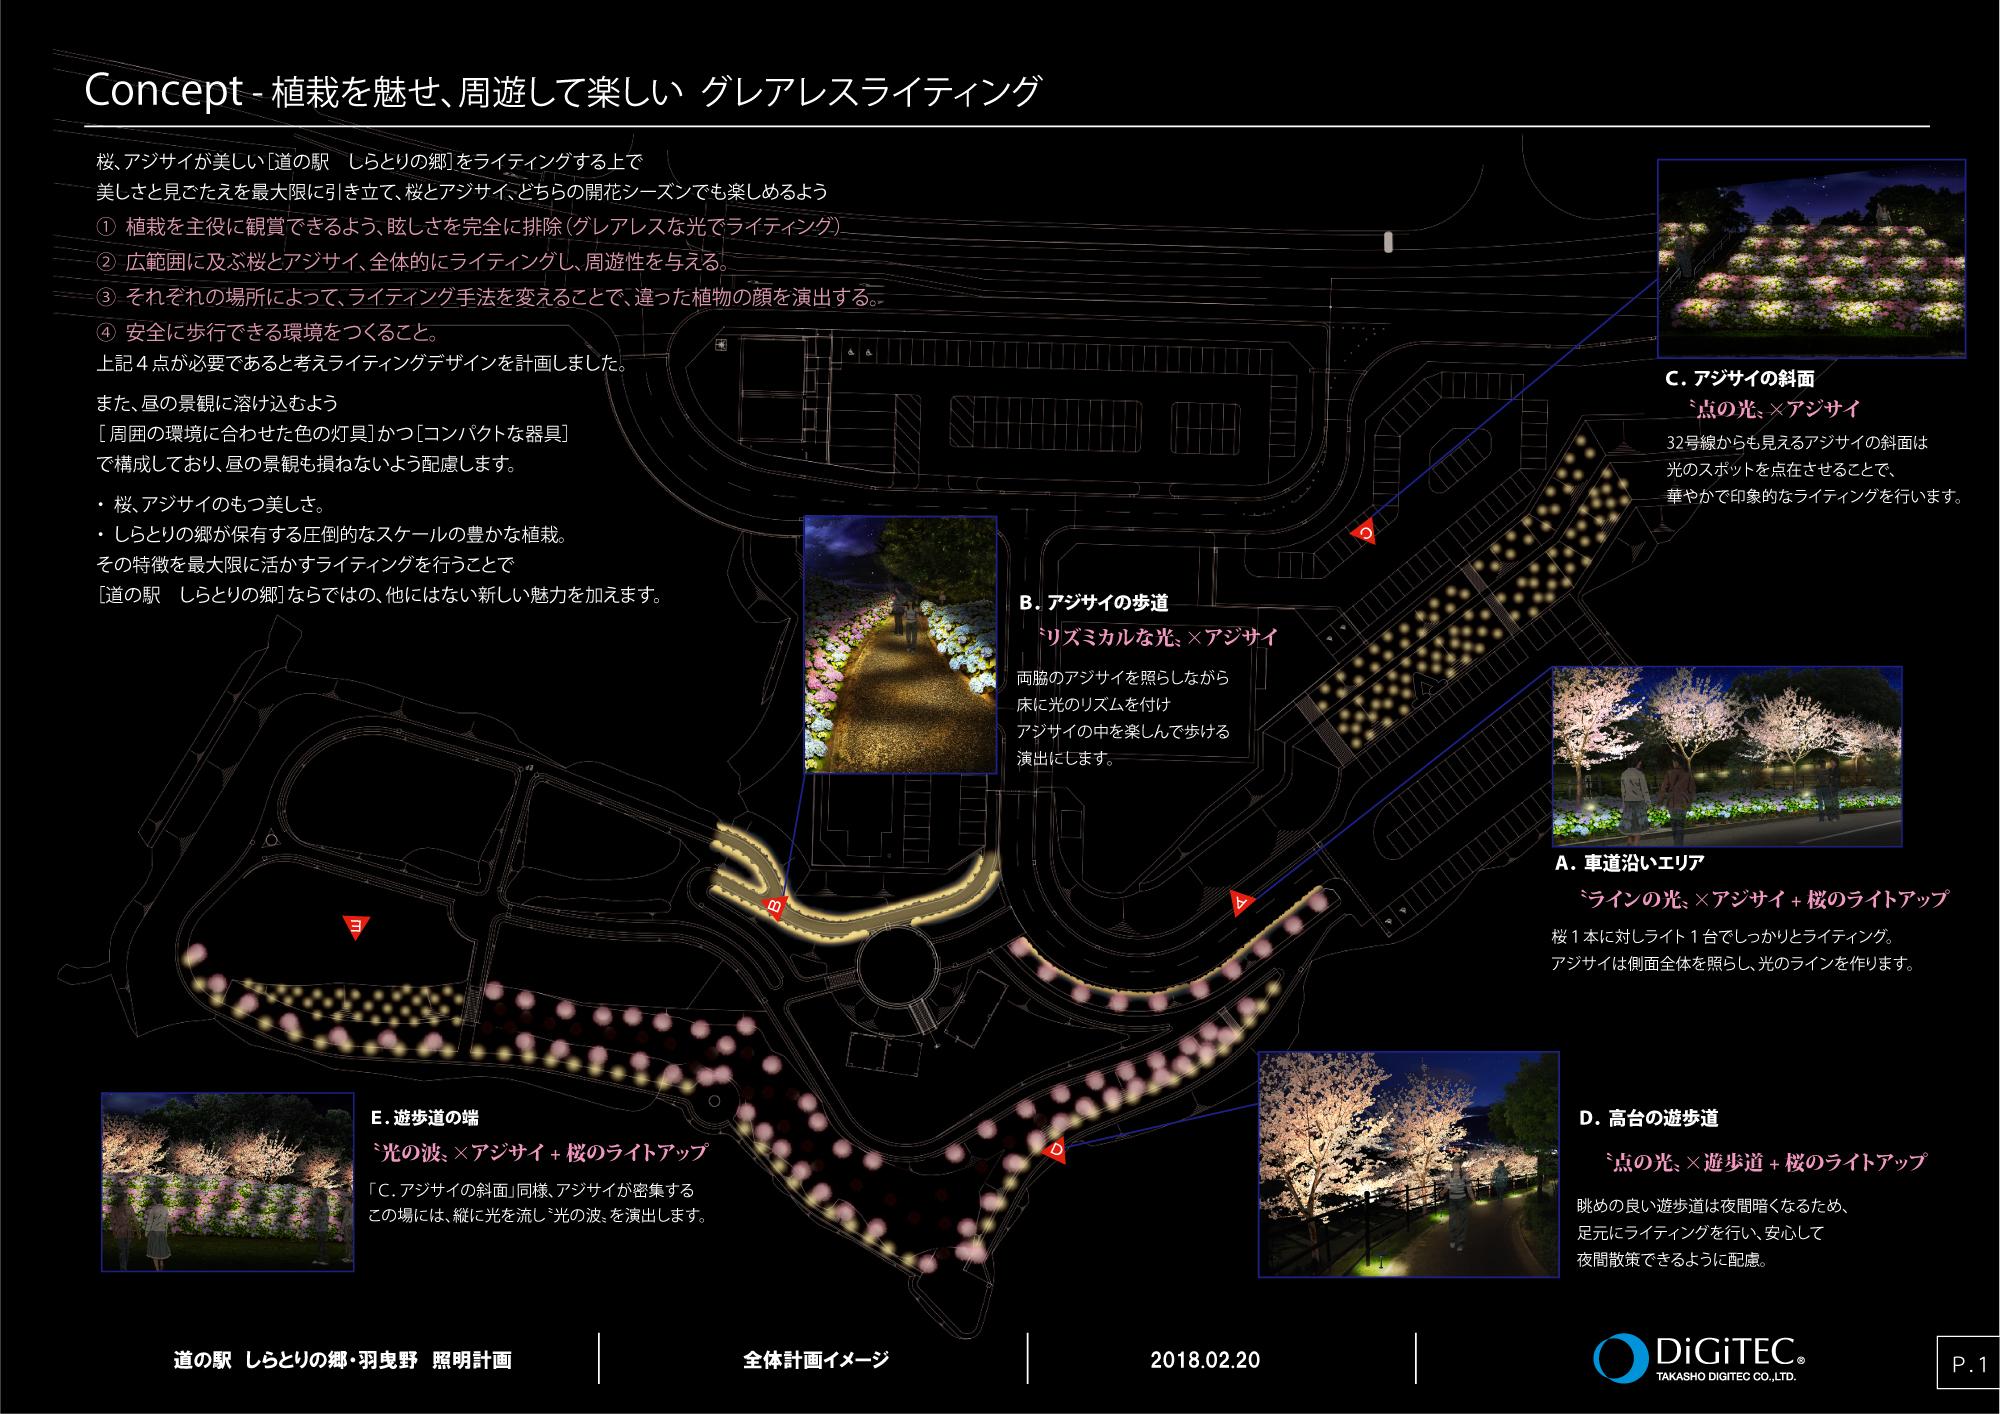 照明計画の全体図